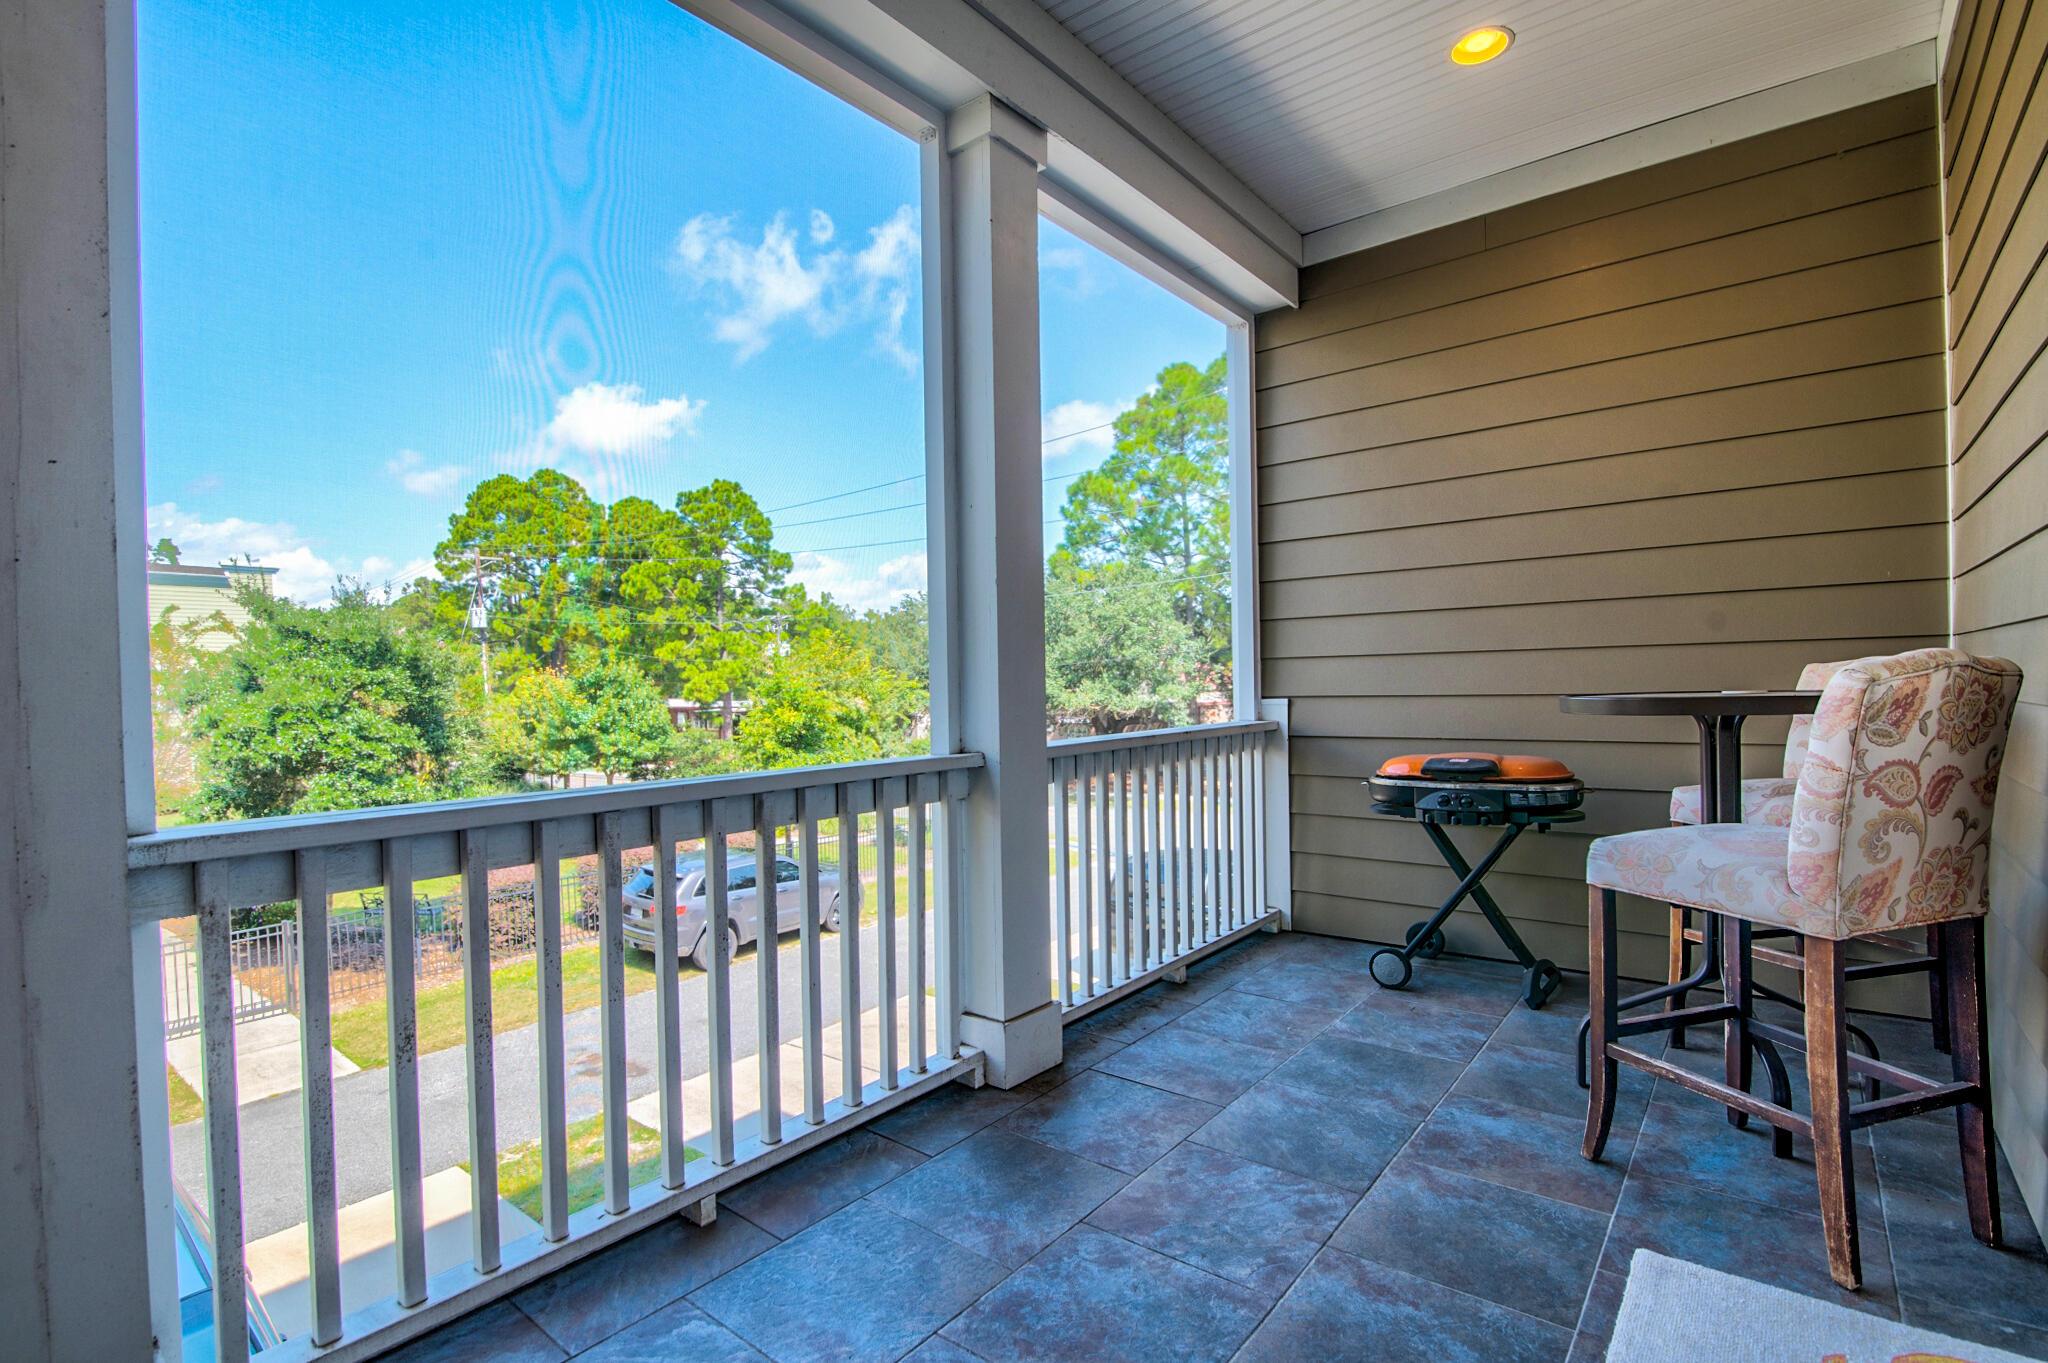 Whitesides Park Homes For Sale - 1102 Alagash Way, Mount Pleasant, SC - 30